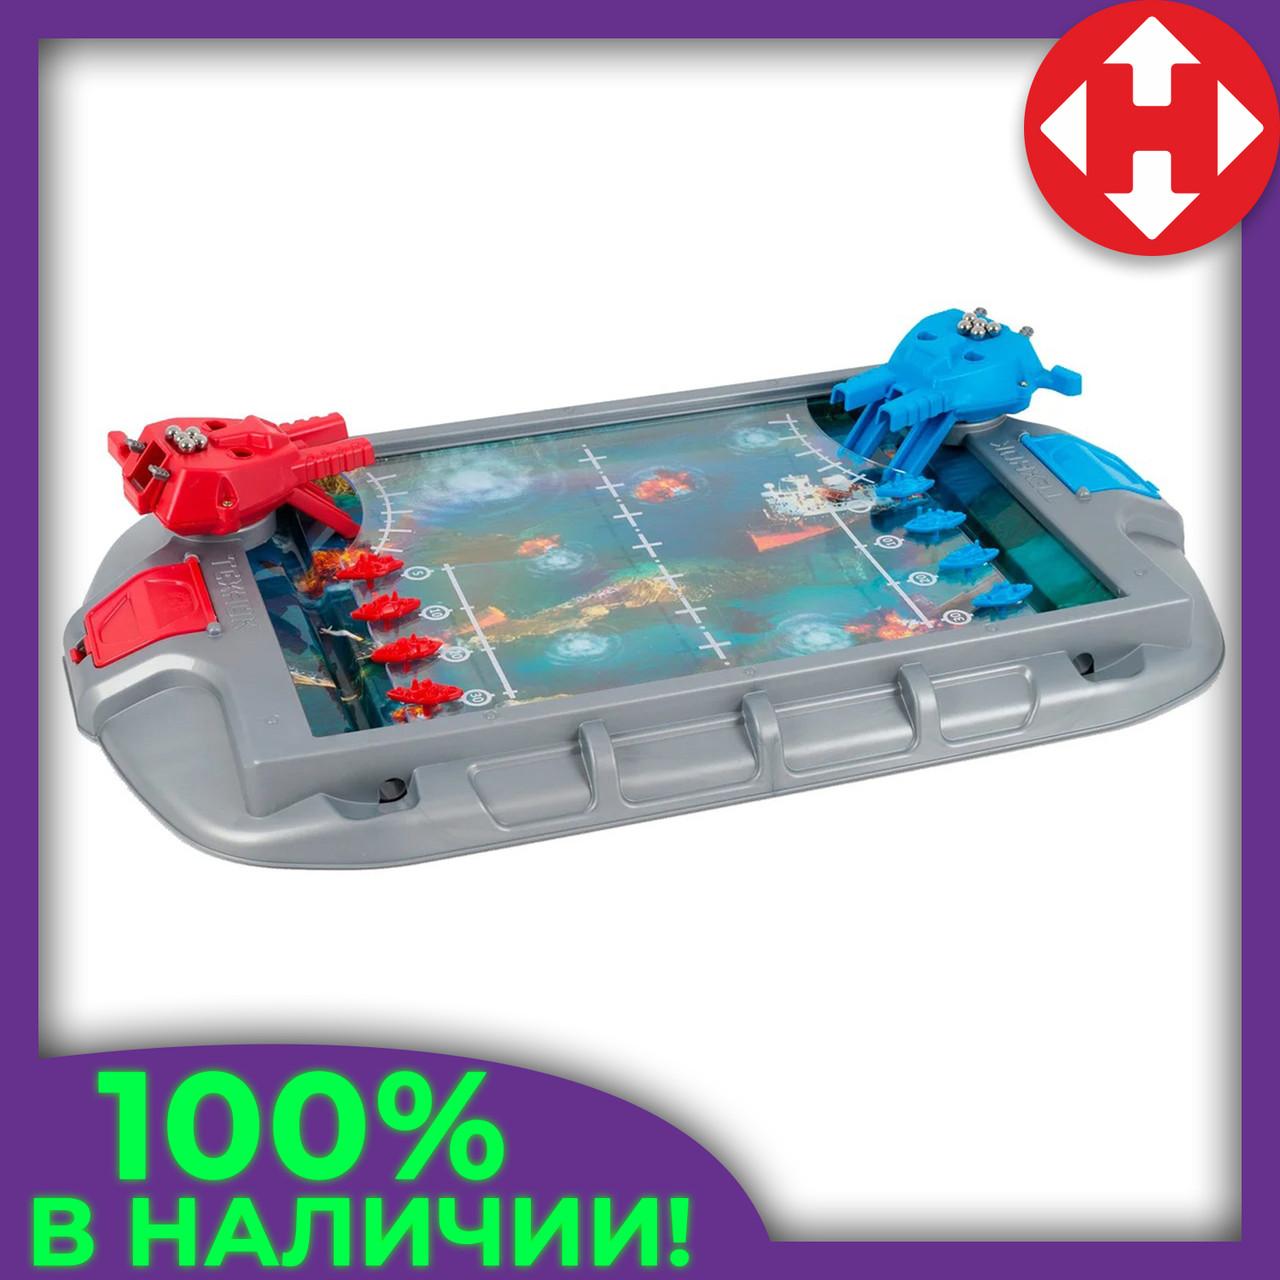 Детская настольная игра морской бой, Technoktoys, технок морские баталии с шариками